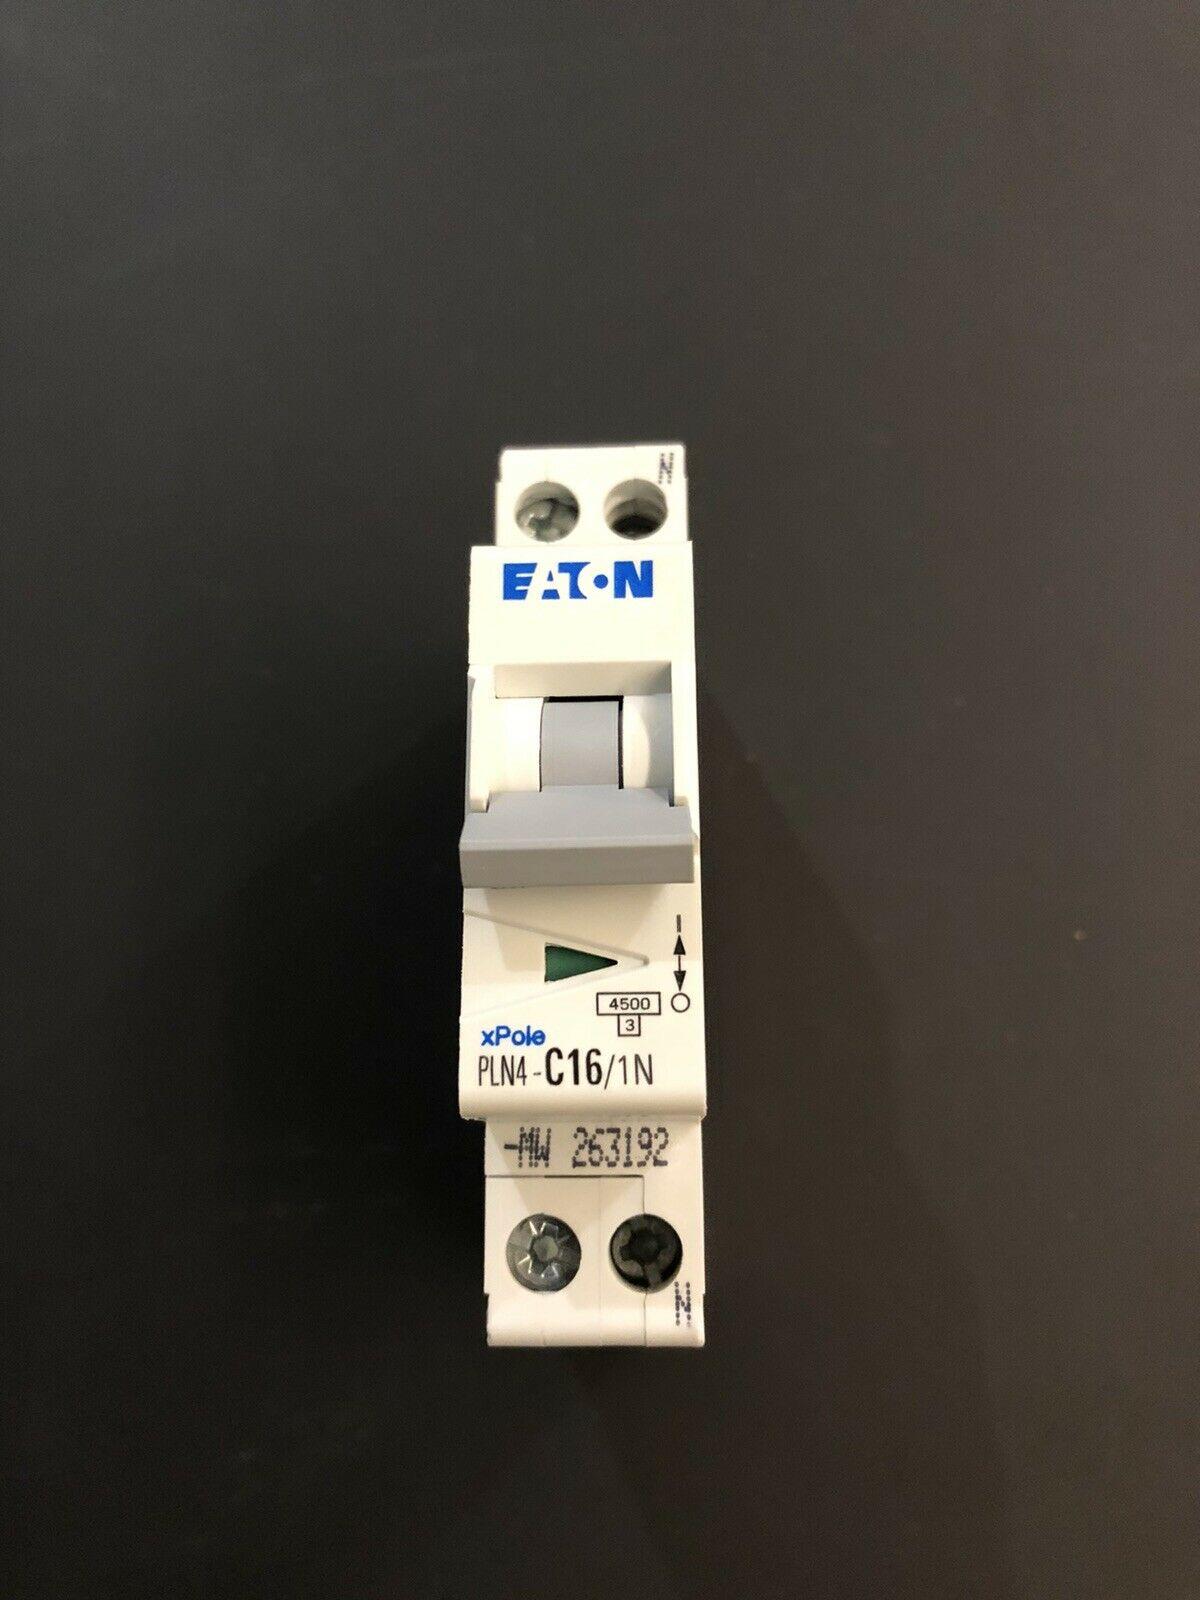 EATON-INTERRUTTORE-AUTOMATICO-MODULARE-MAGNETOTERMICO-1PN-10A-4500K-1M-263192-143536636418